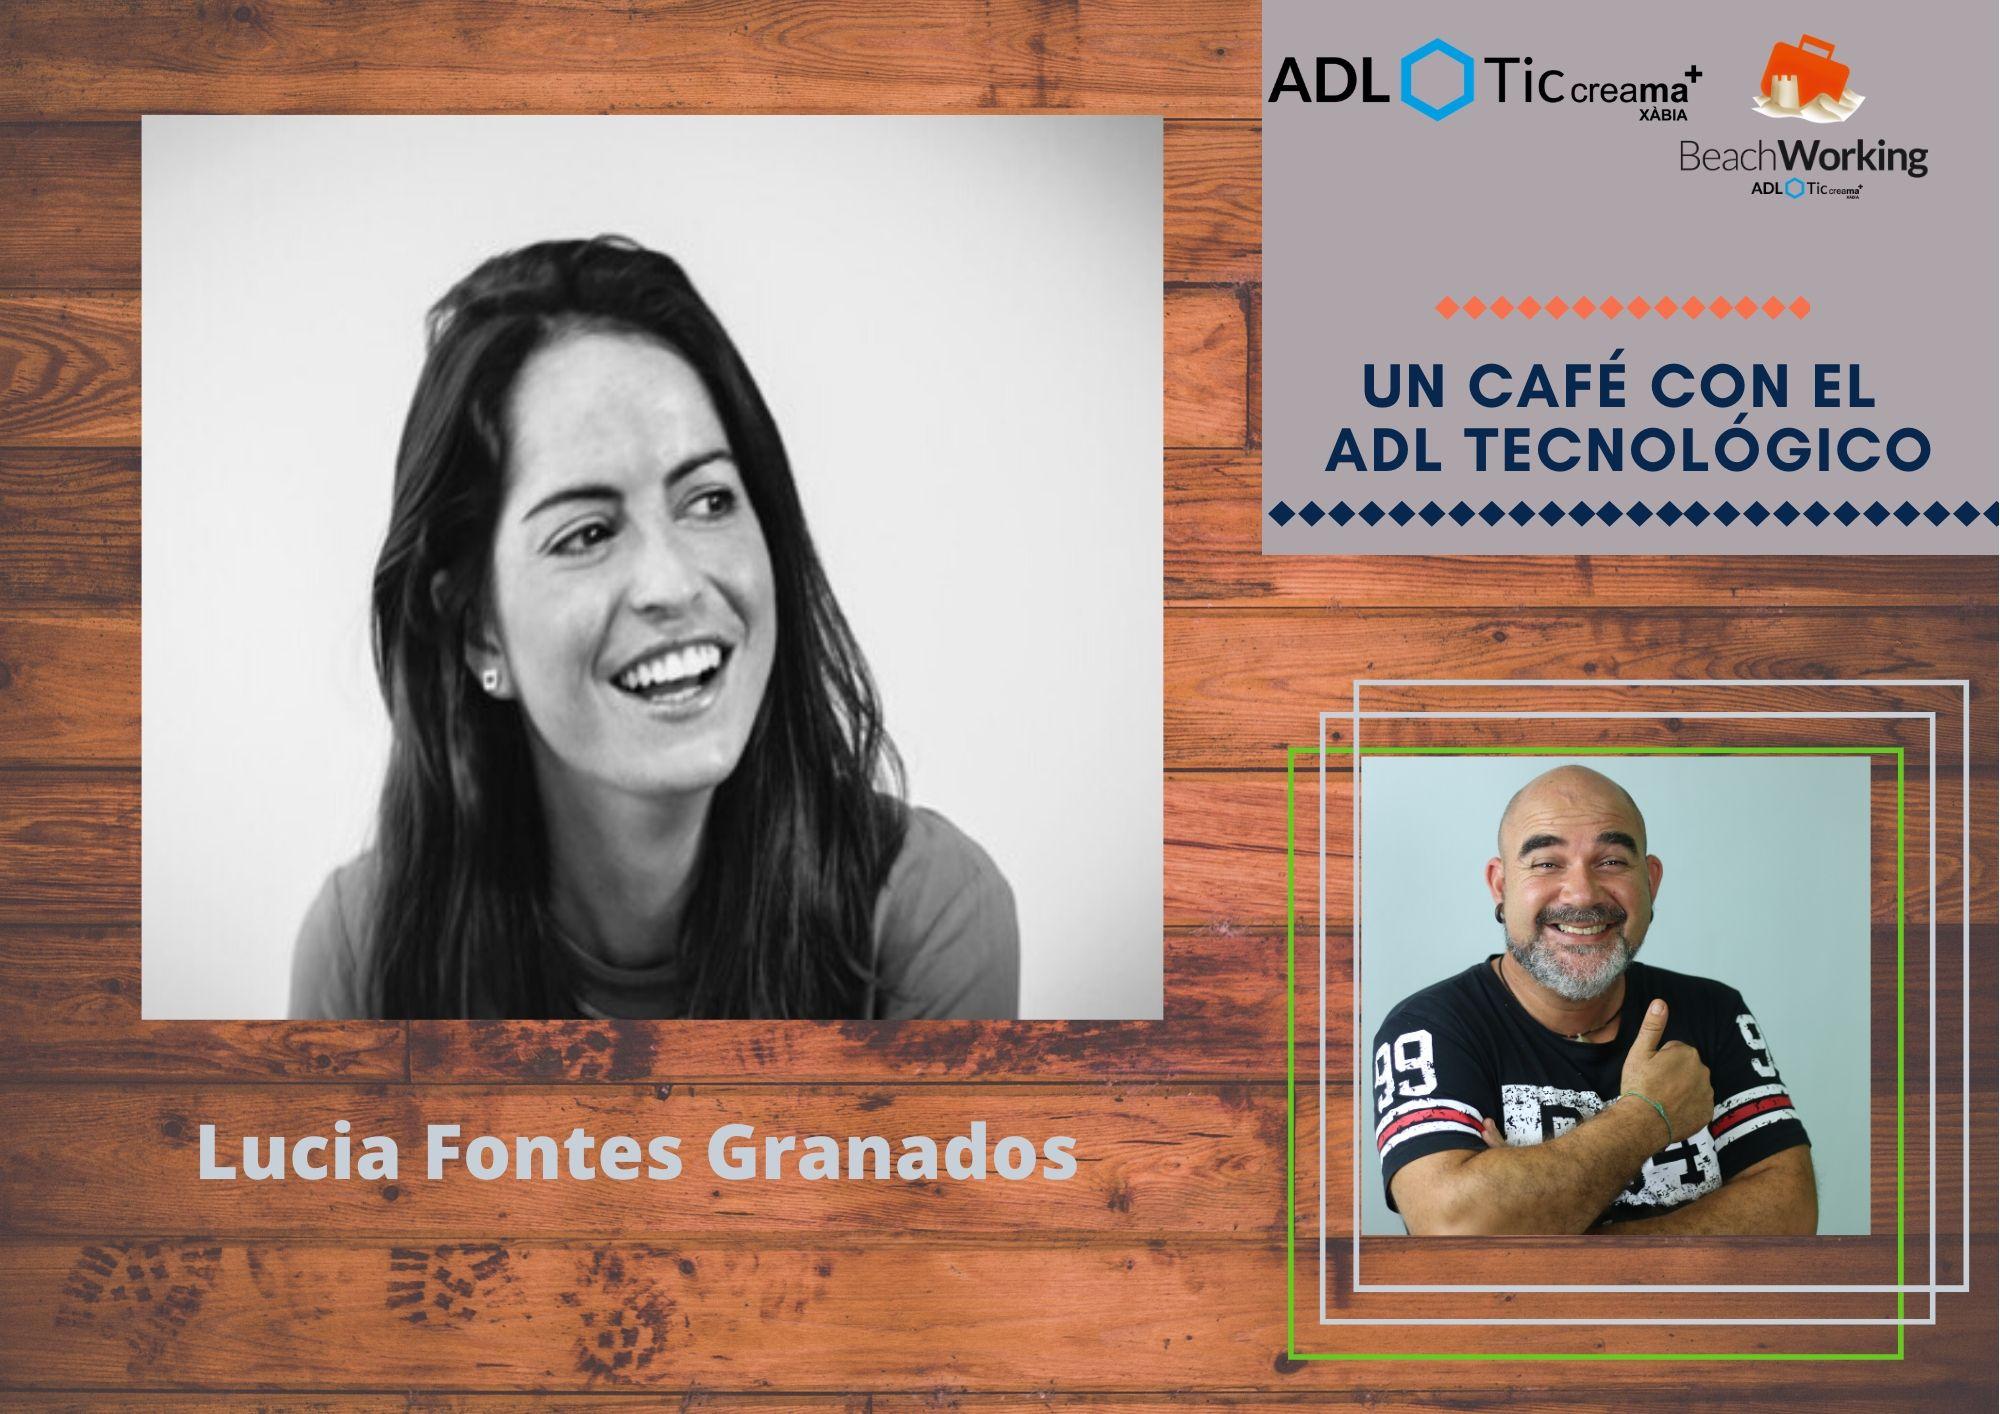 Lucía Fontes Granados